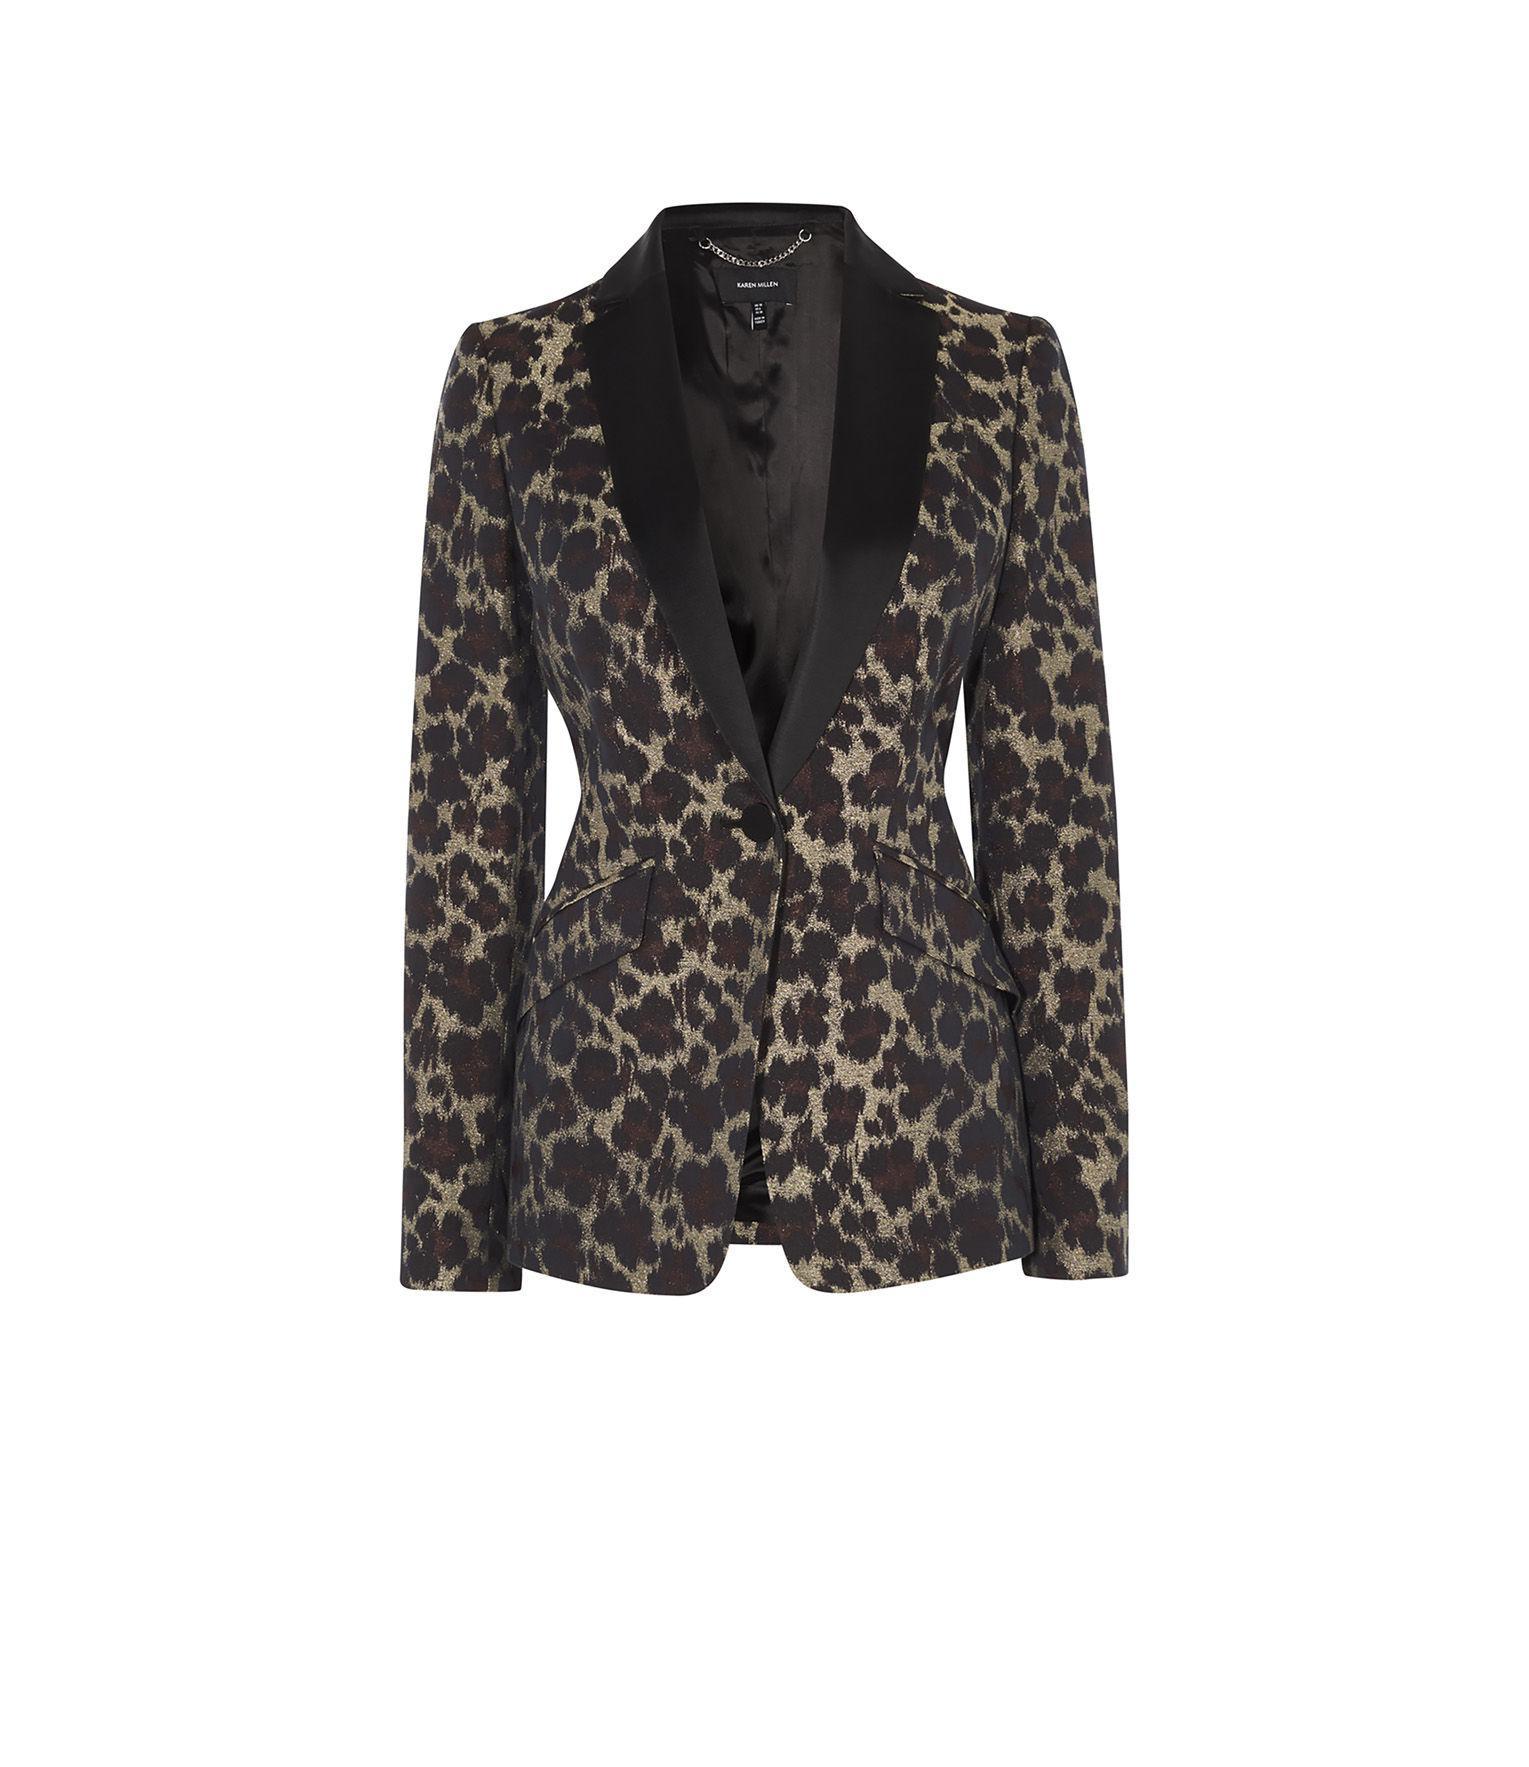 1abebed730 Karen Millen Leopard Jacquard Blazer - Lyst